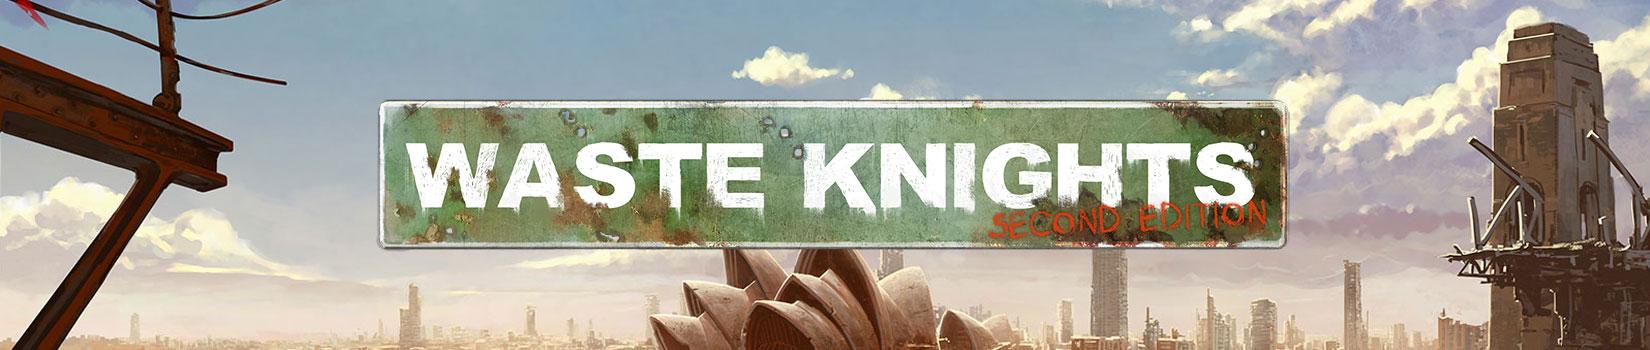 Waste KnightsŁ Second Edition Header